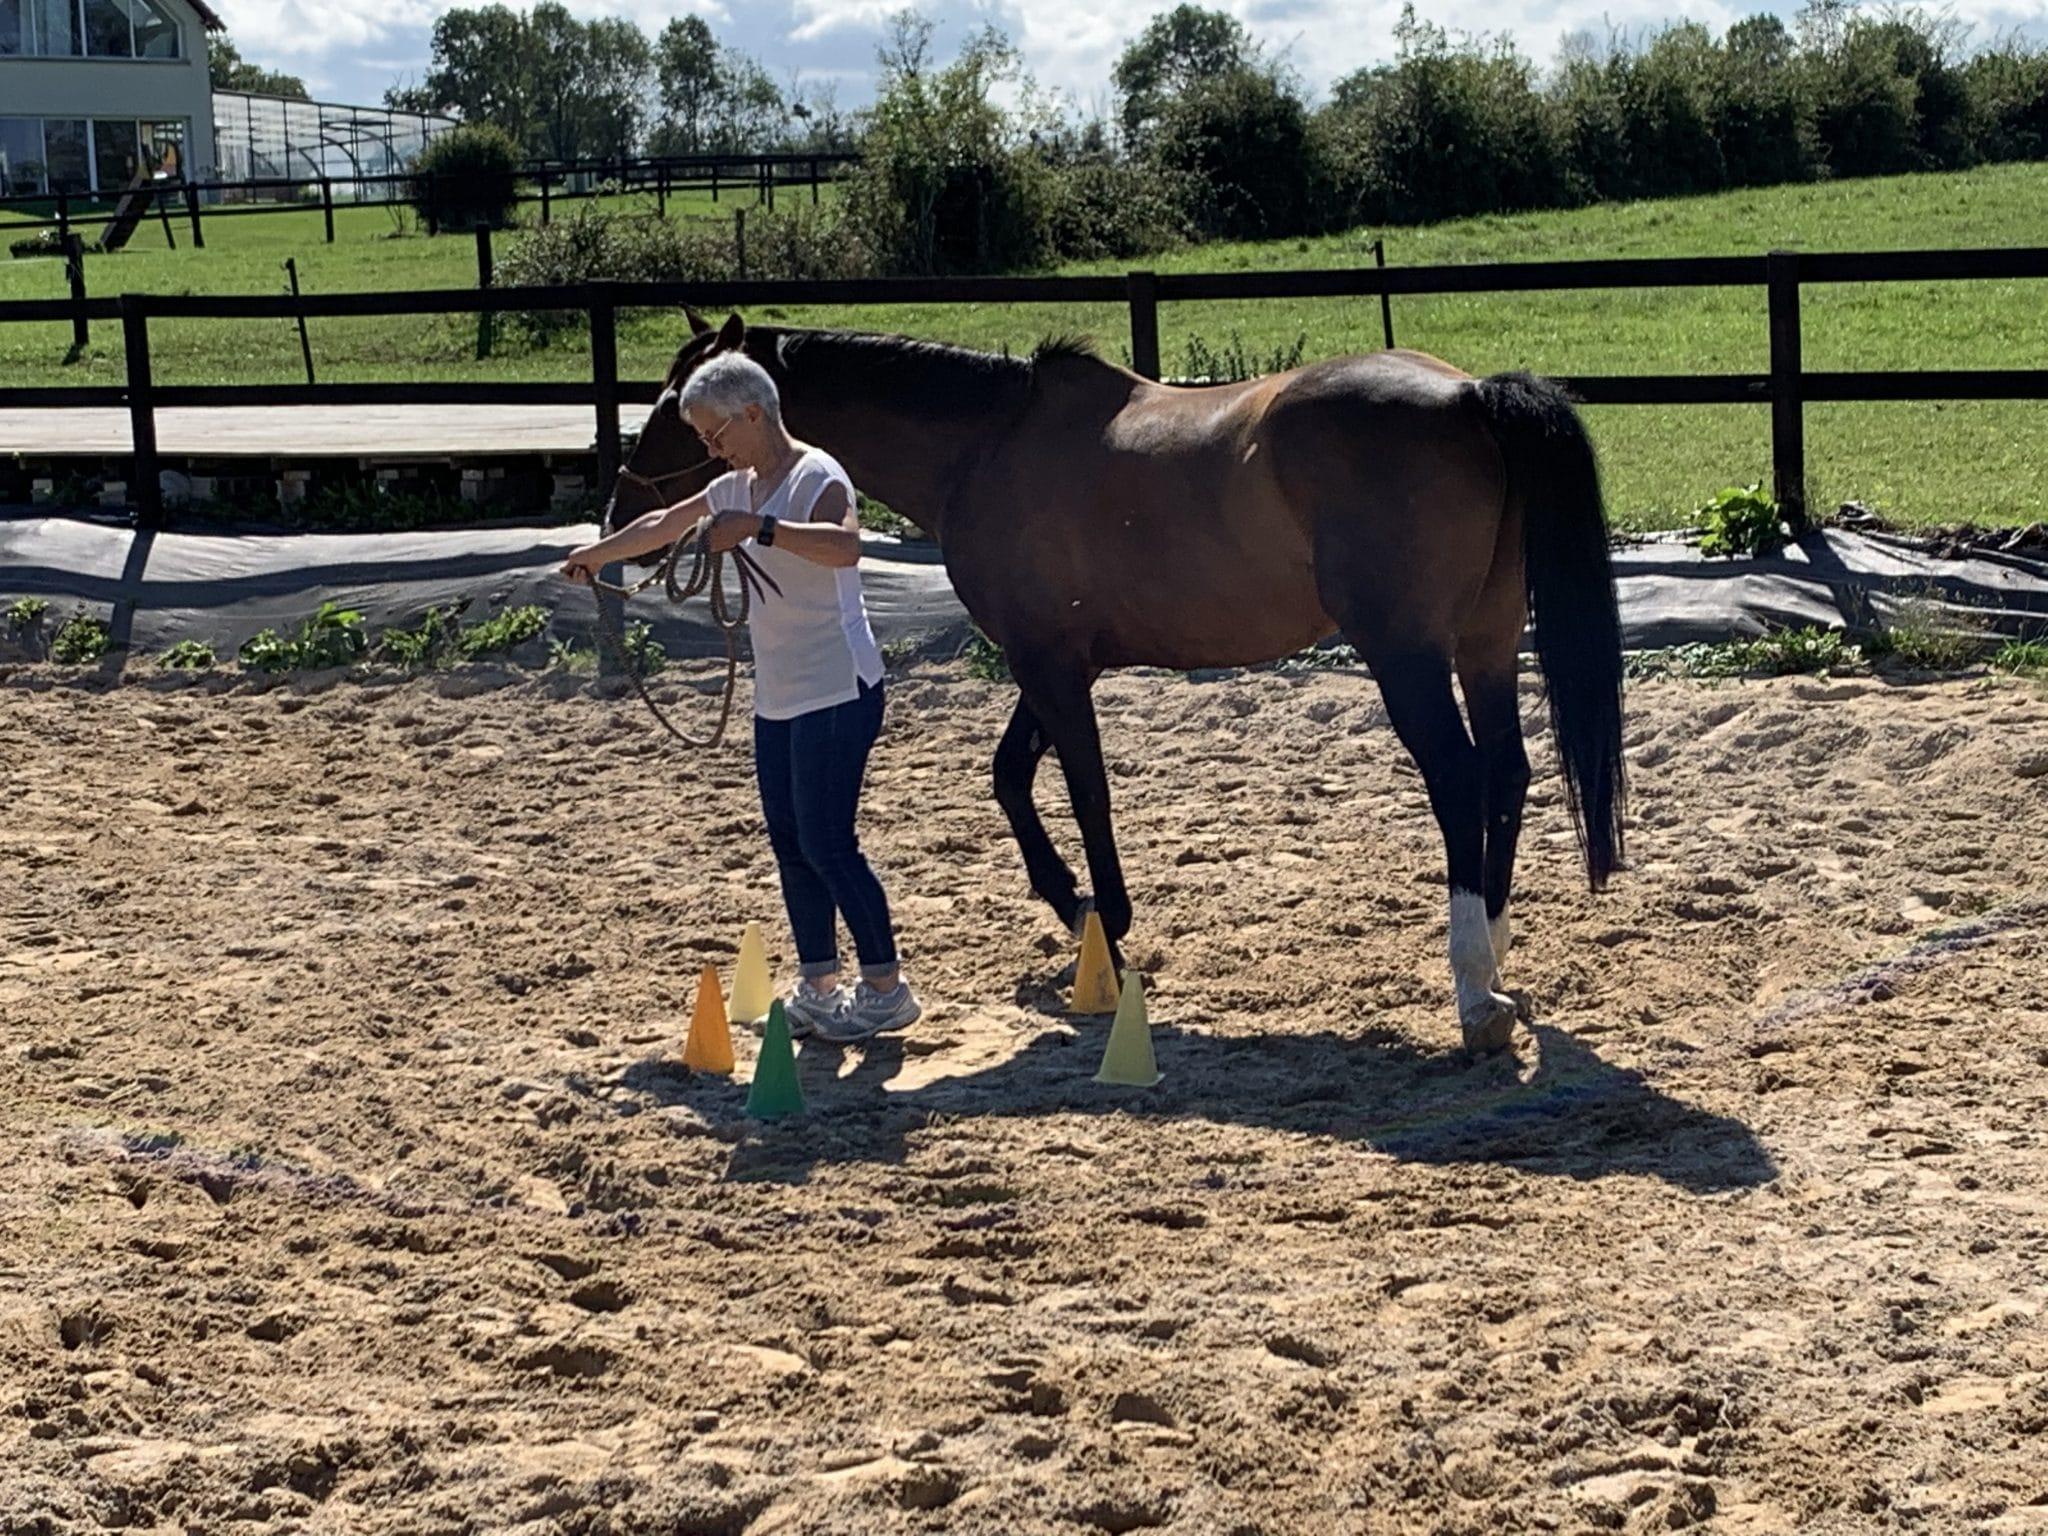 Le cheval recherche l'être capable de lui assurer sa survie en cas de danger. Ainsi, il ne peut pas faire confiance à un guide qui ne serait pas fiable en tant que leader.